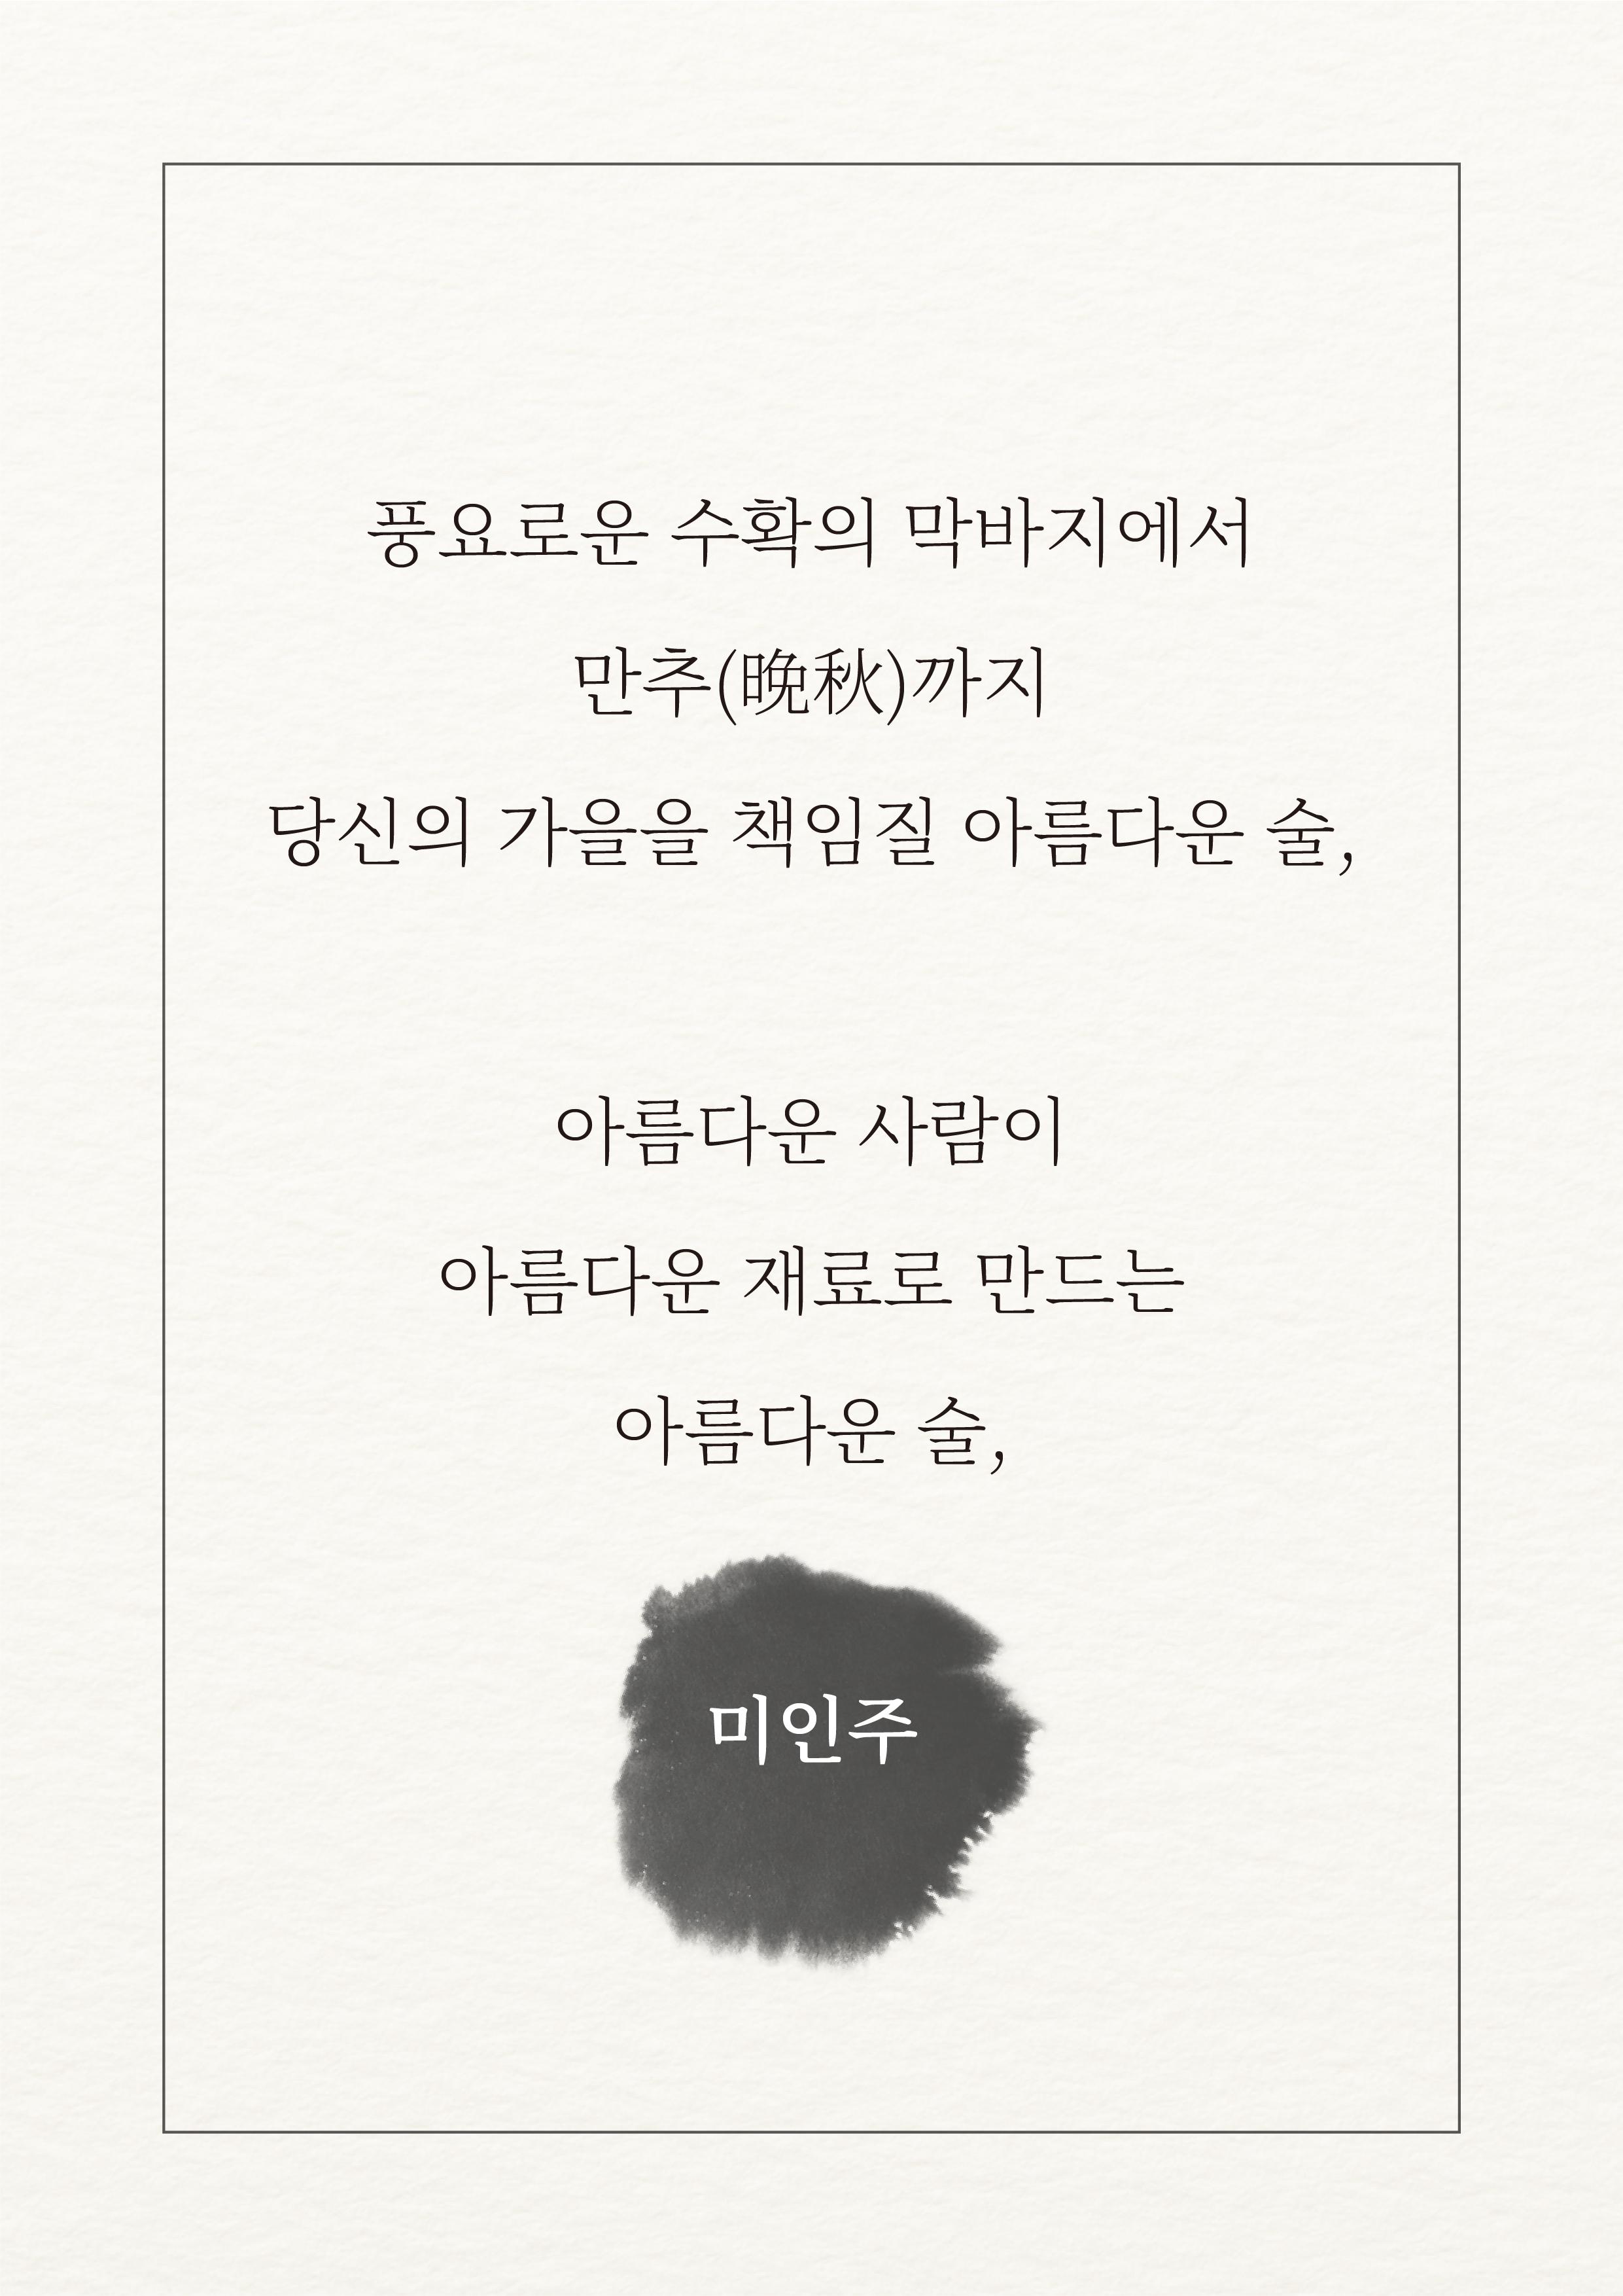 웹책_대지 1 사본